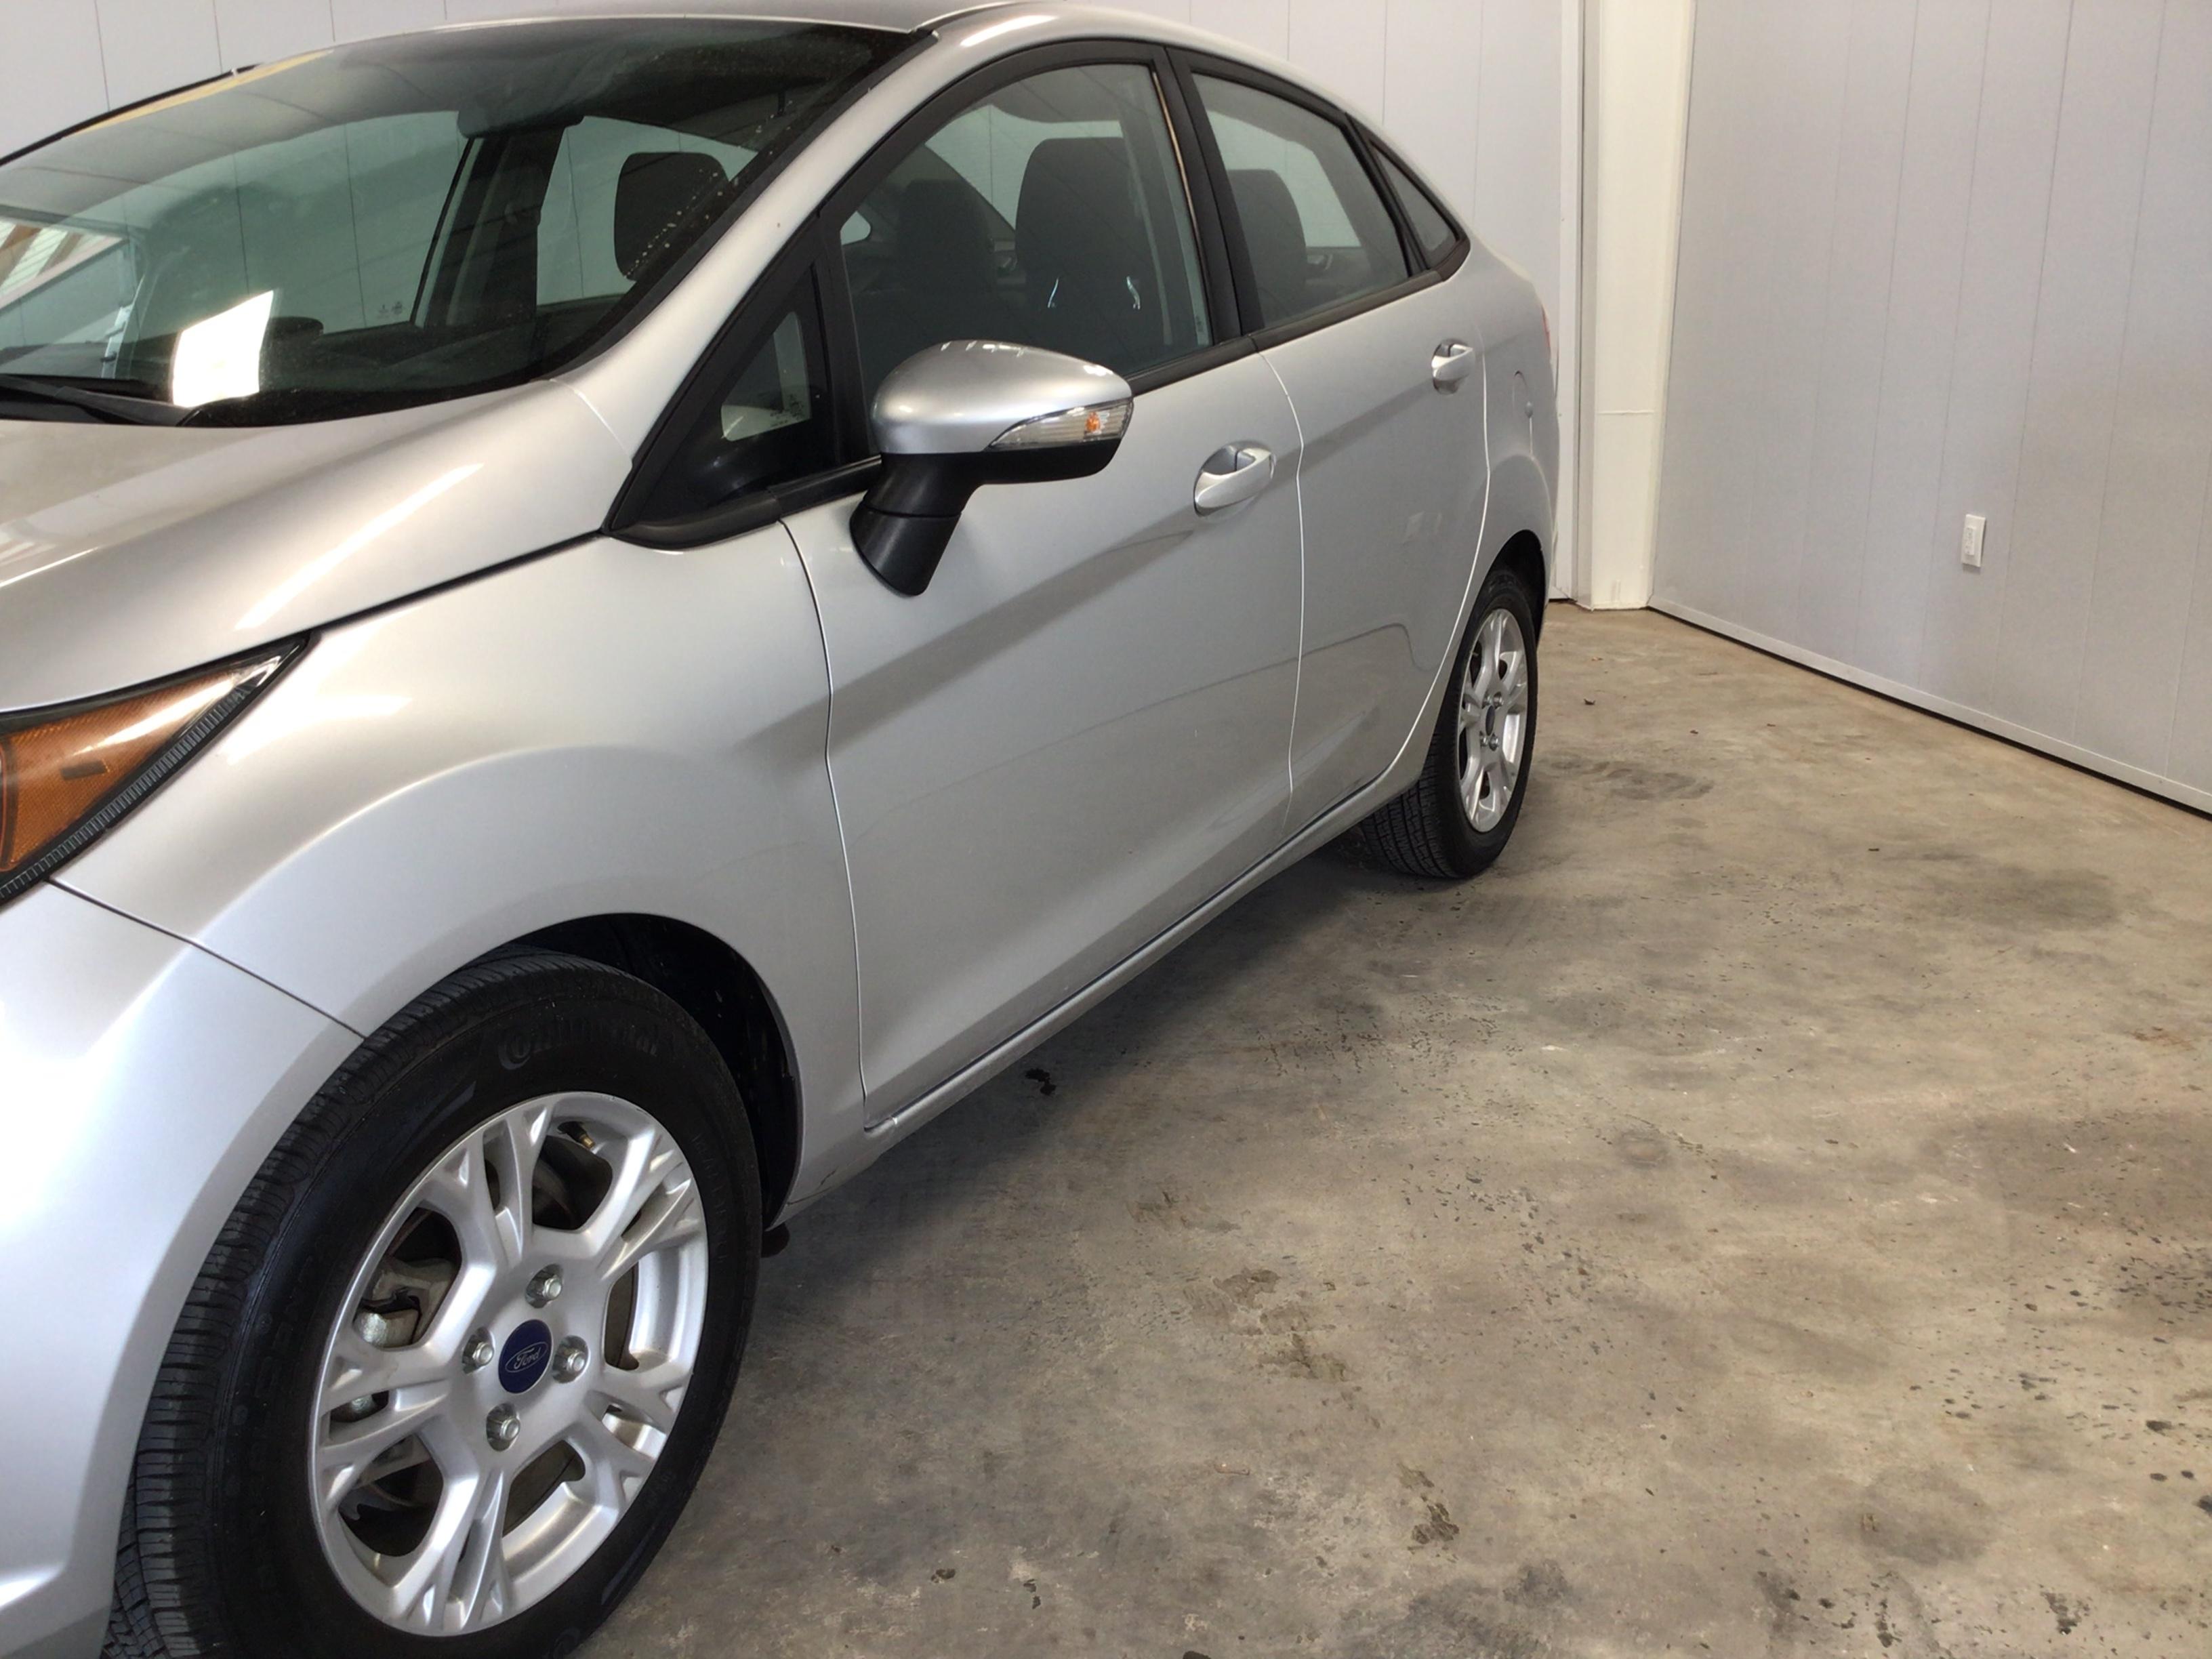 used vehicle - Sedan FORD FIESTA 2016